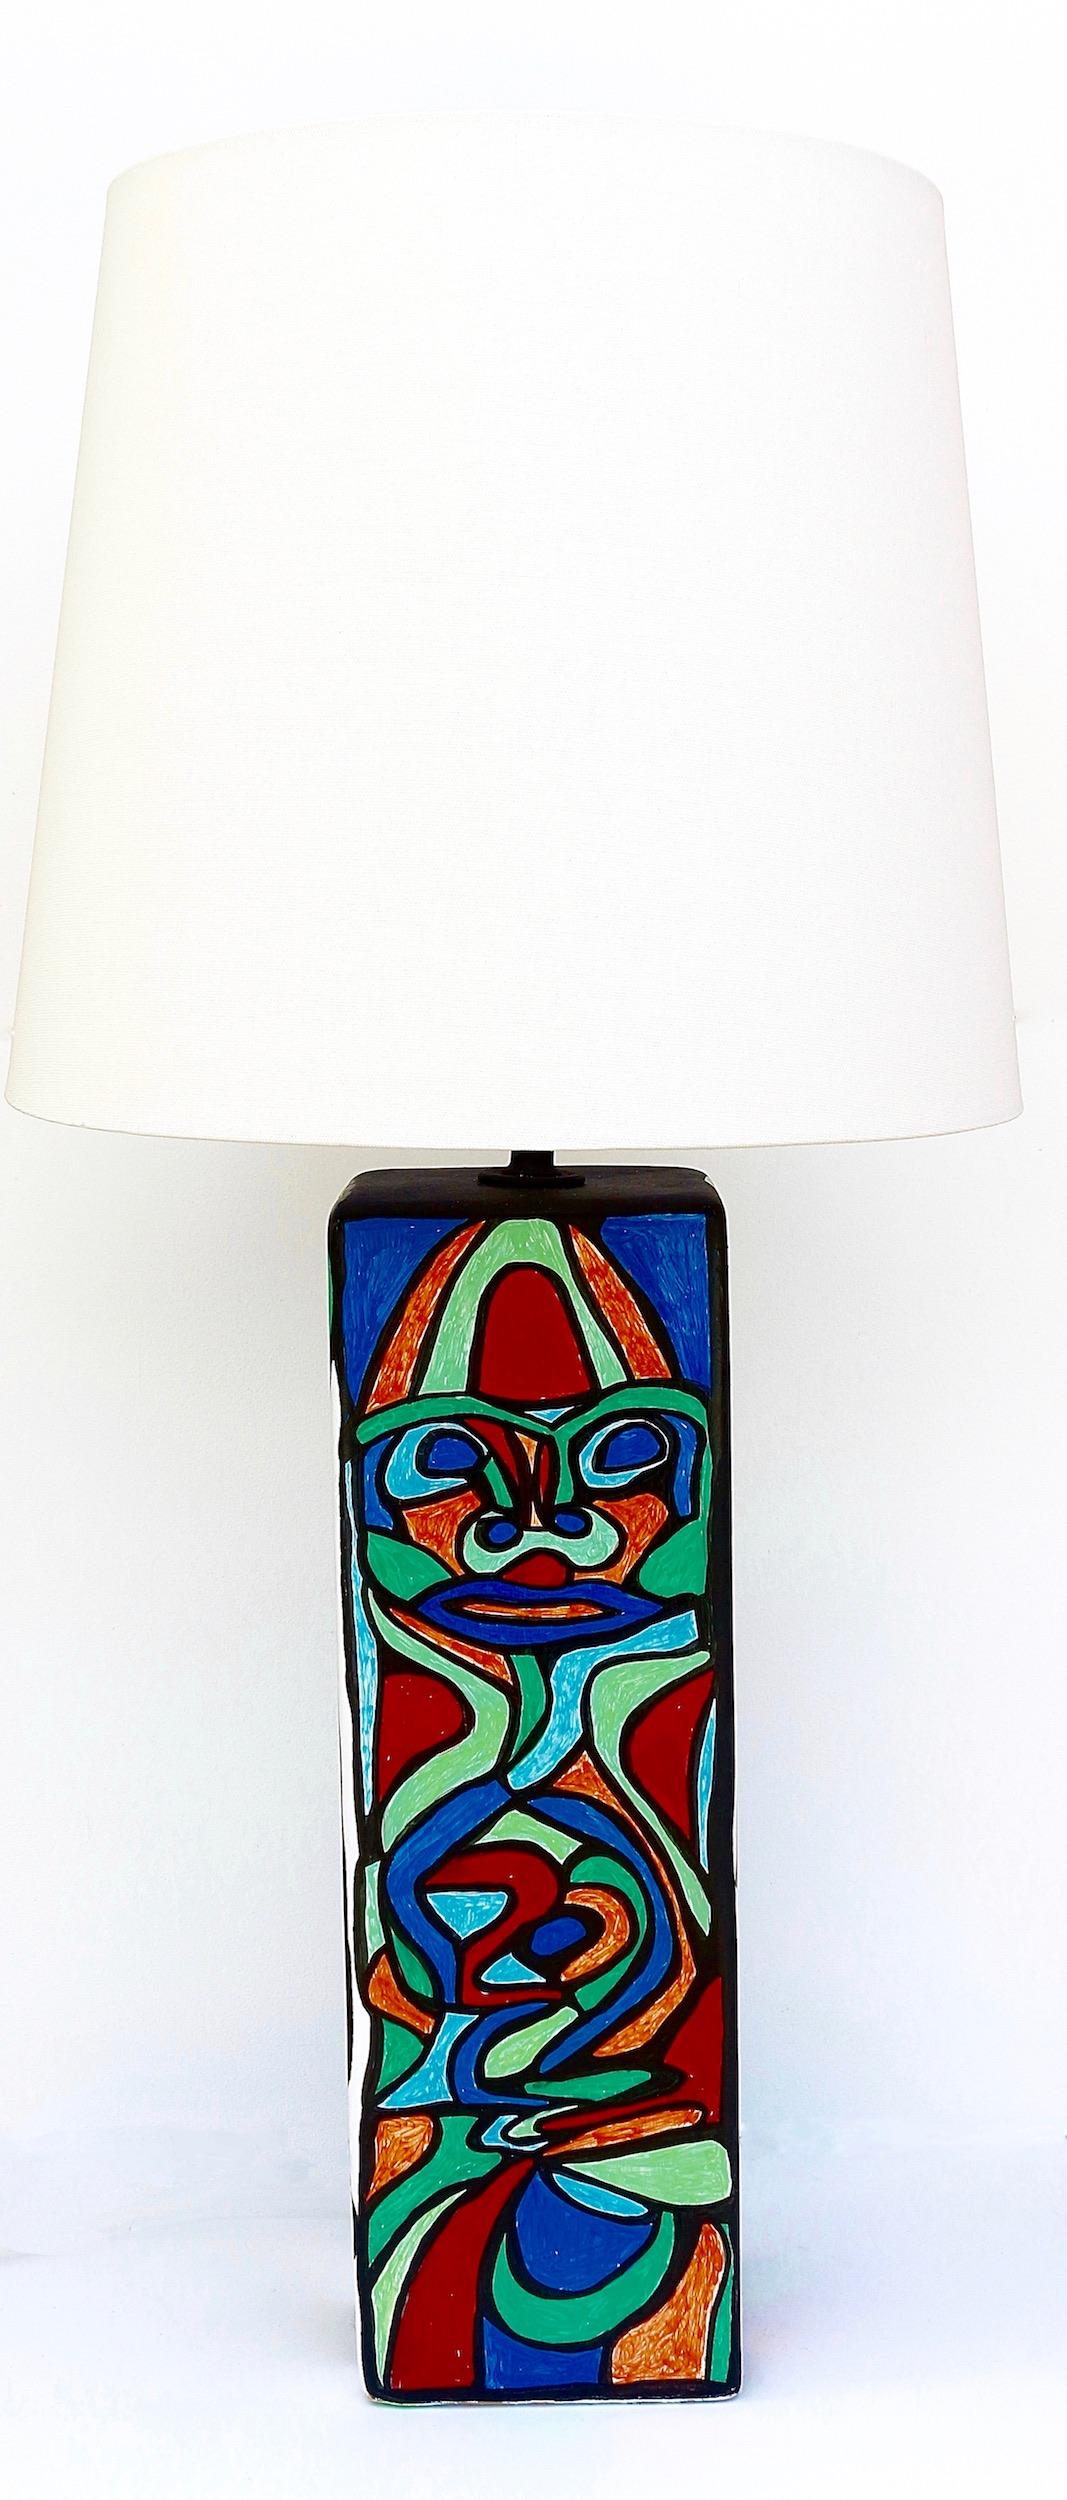 CUBIST LAMP SIDE FOUR